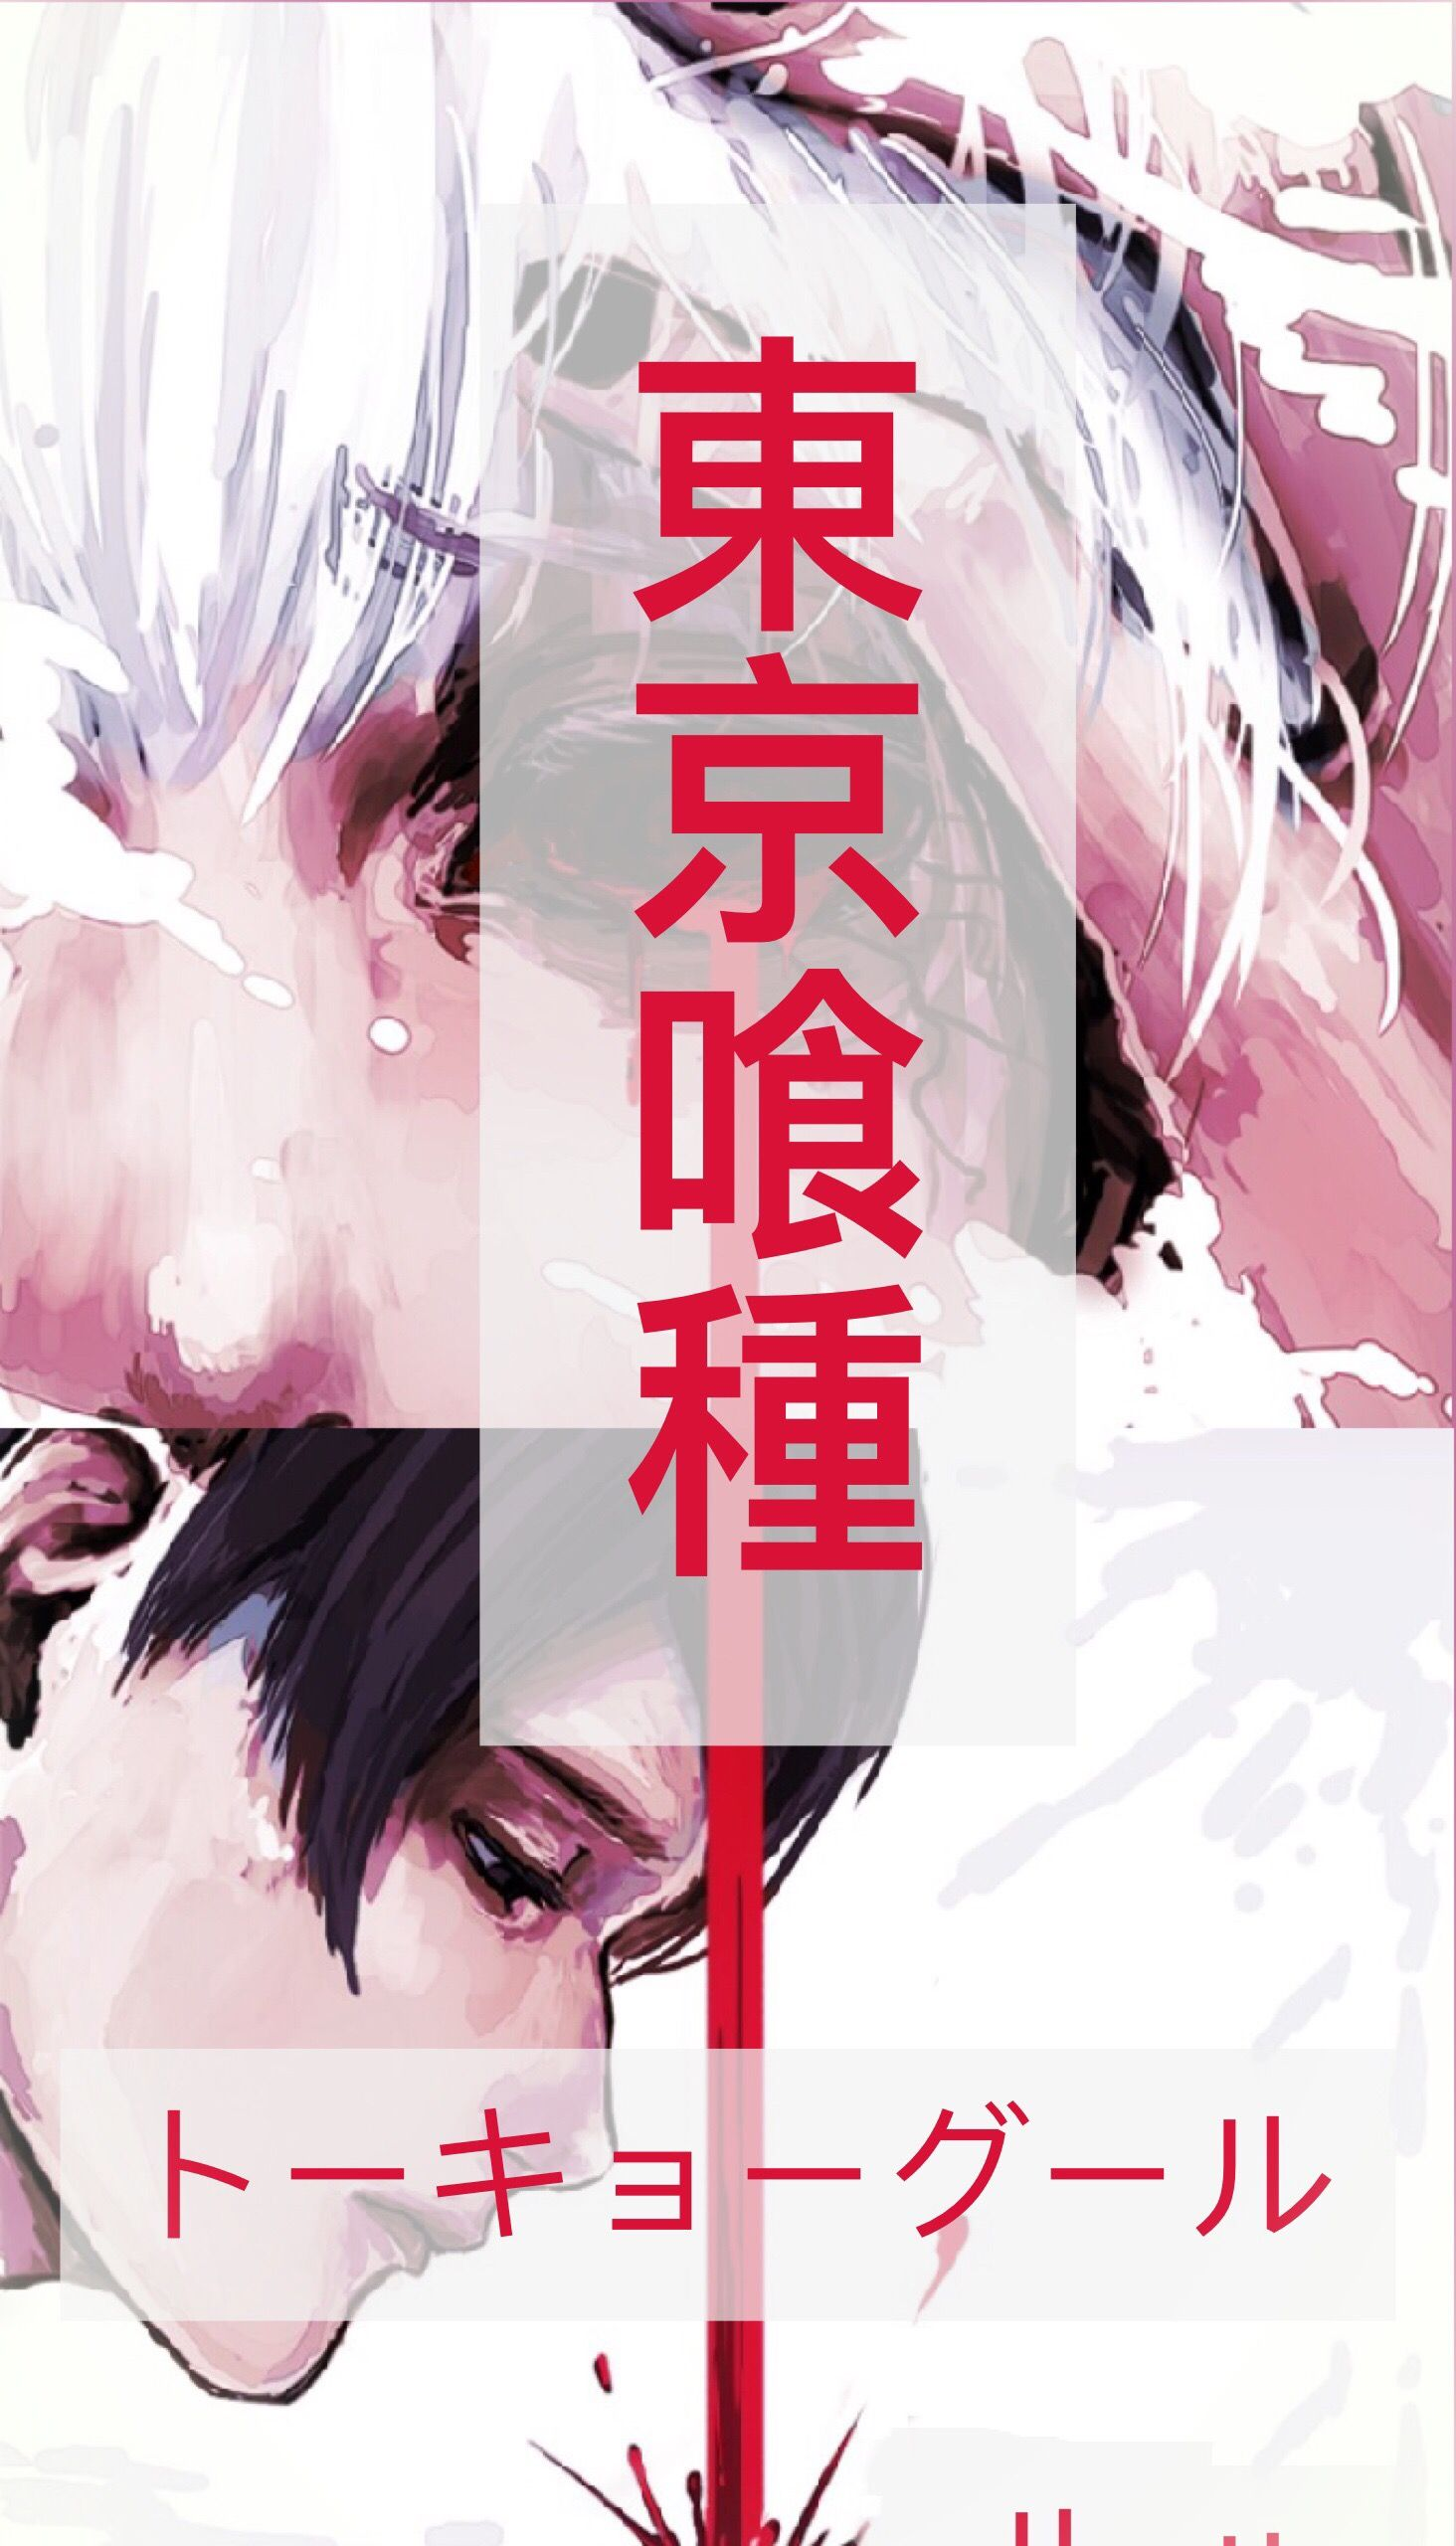 Tokyo Ghoul Iphone 6 Wallpaper Iphone Wallpaper Tokyo Ghoul Anime Wallpaper Iphone Tokyo Ghoul Wallpapers